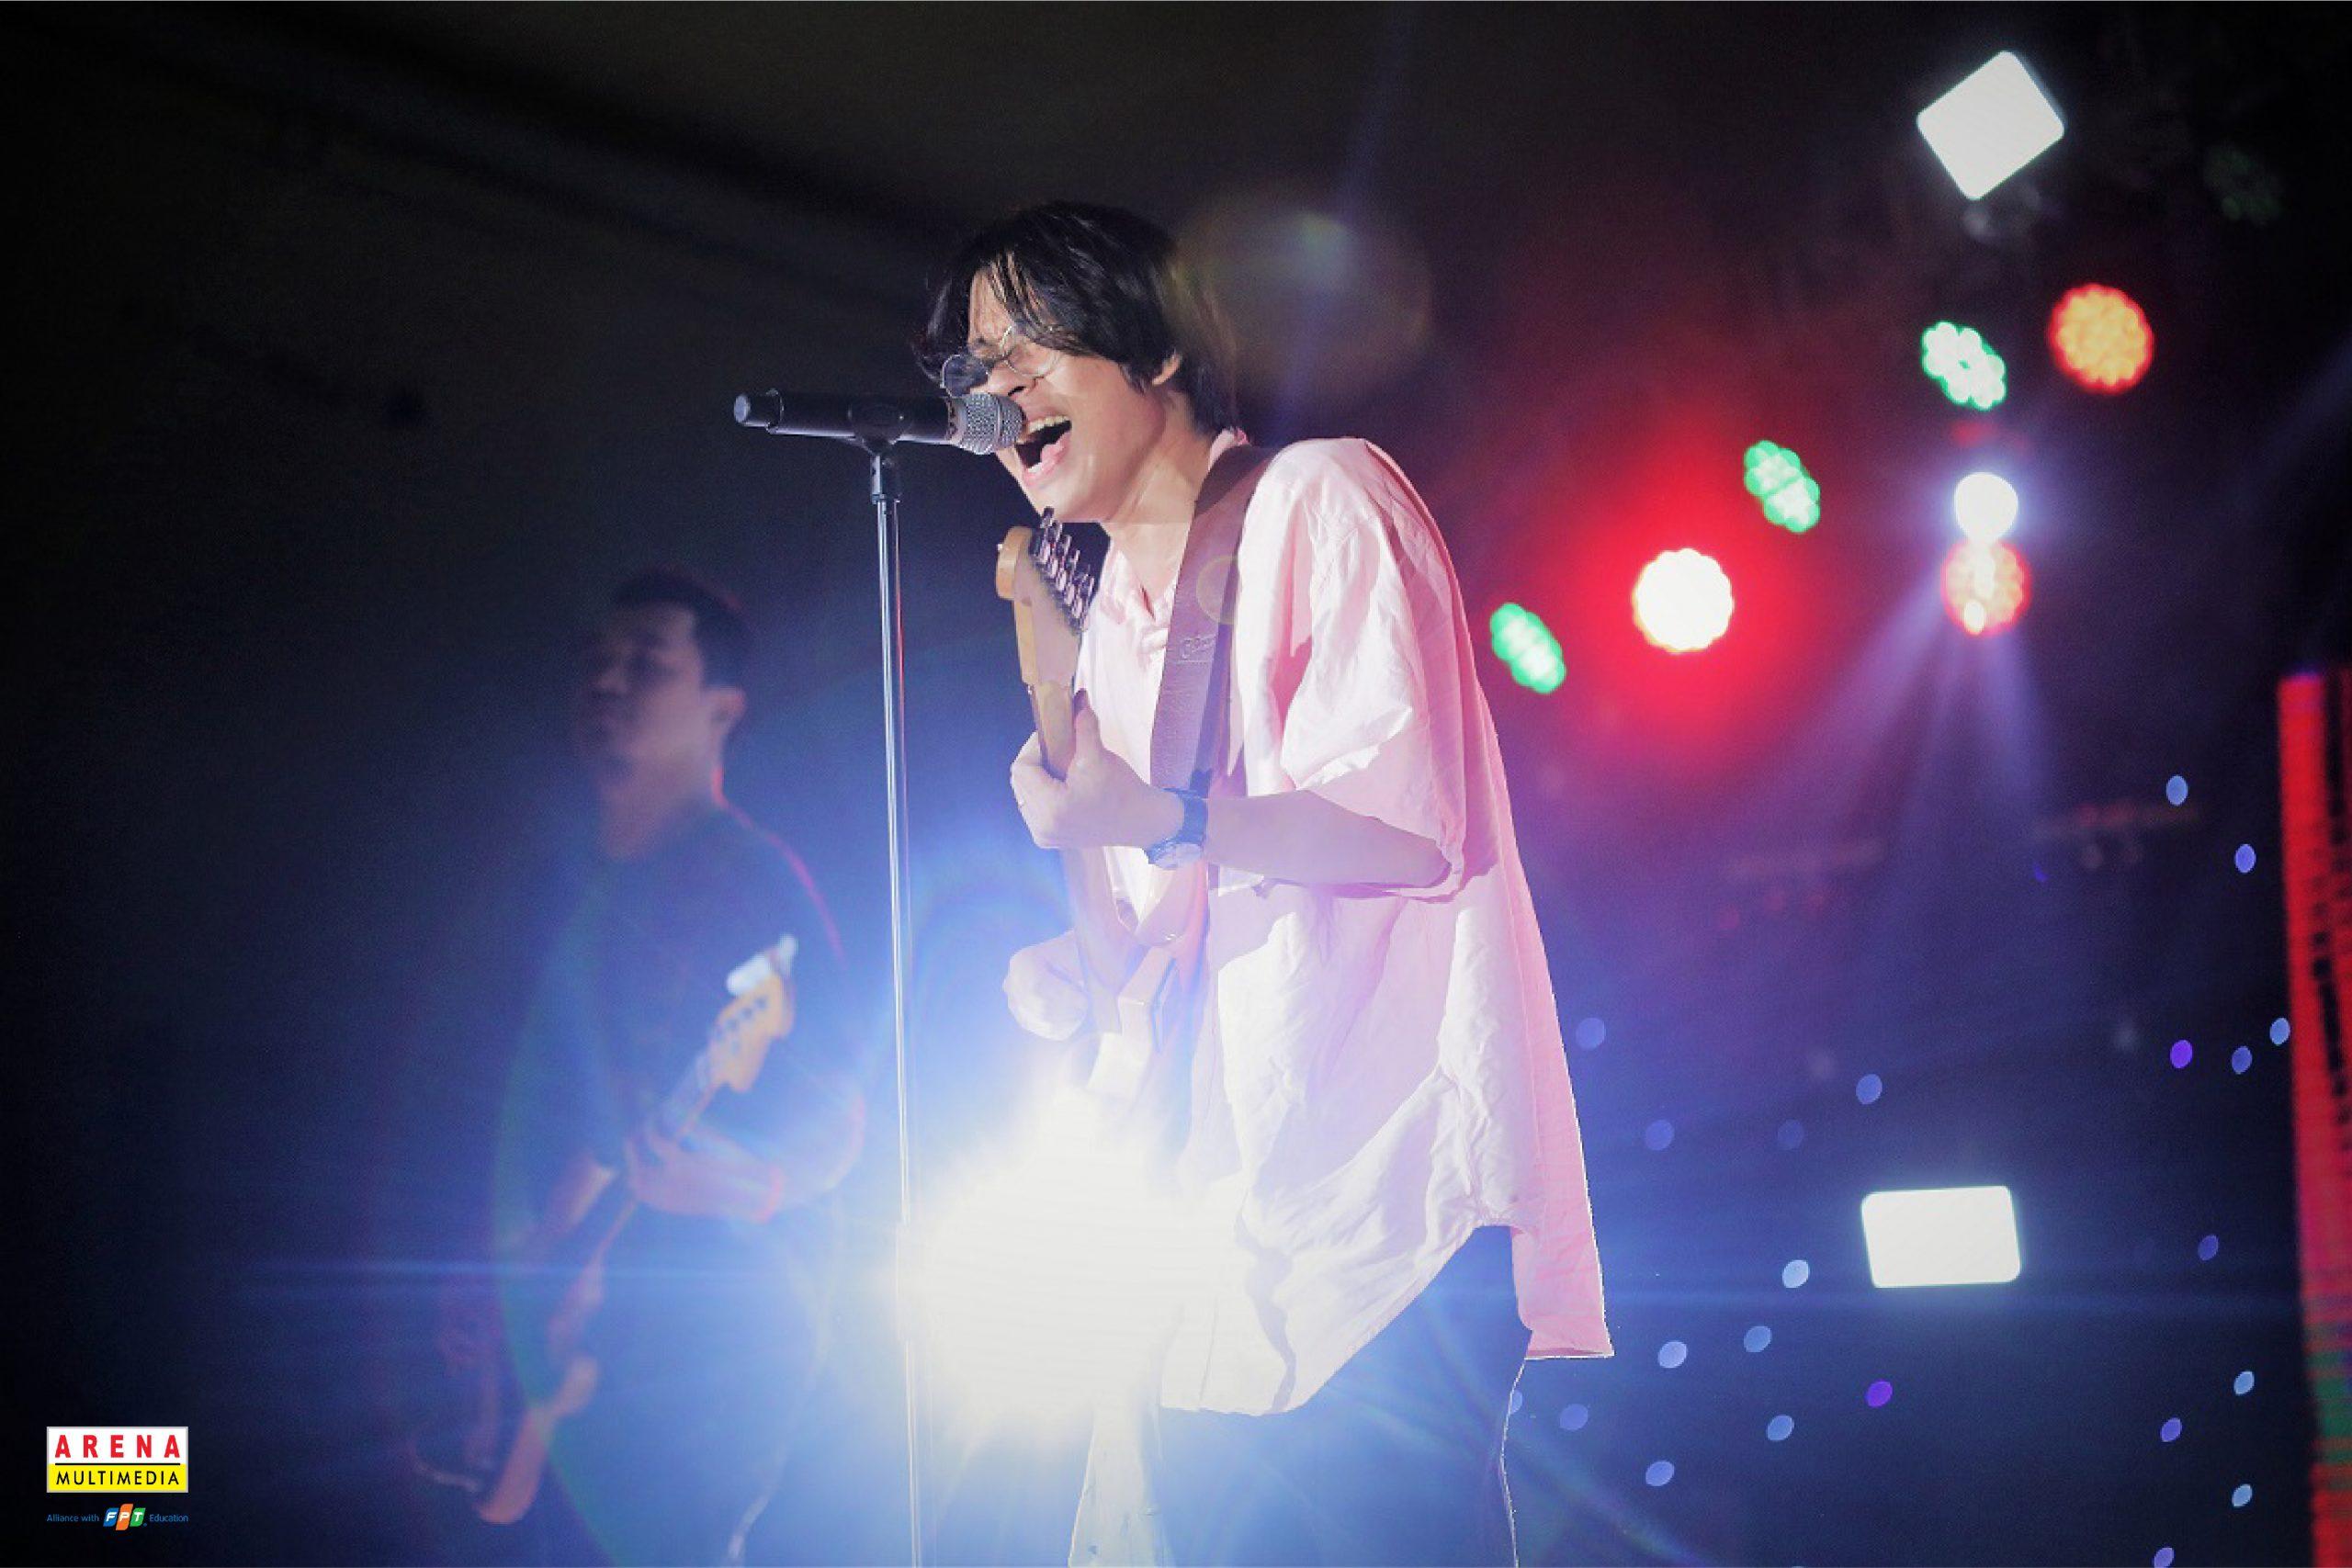 Vũ Đinh Trọng Thắng: Từ chàng sinh viên FPT Arena Multimedia cho đến linh hồn của ban nhạc Ngọt